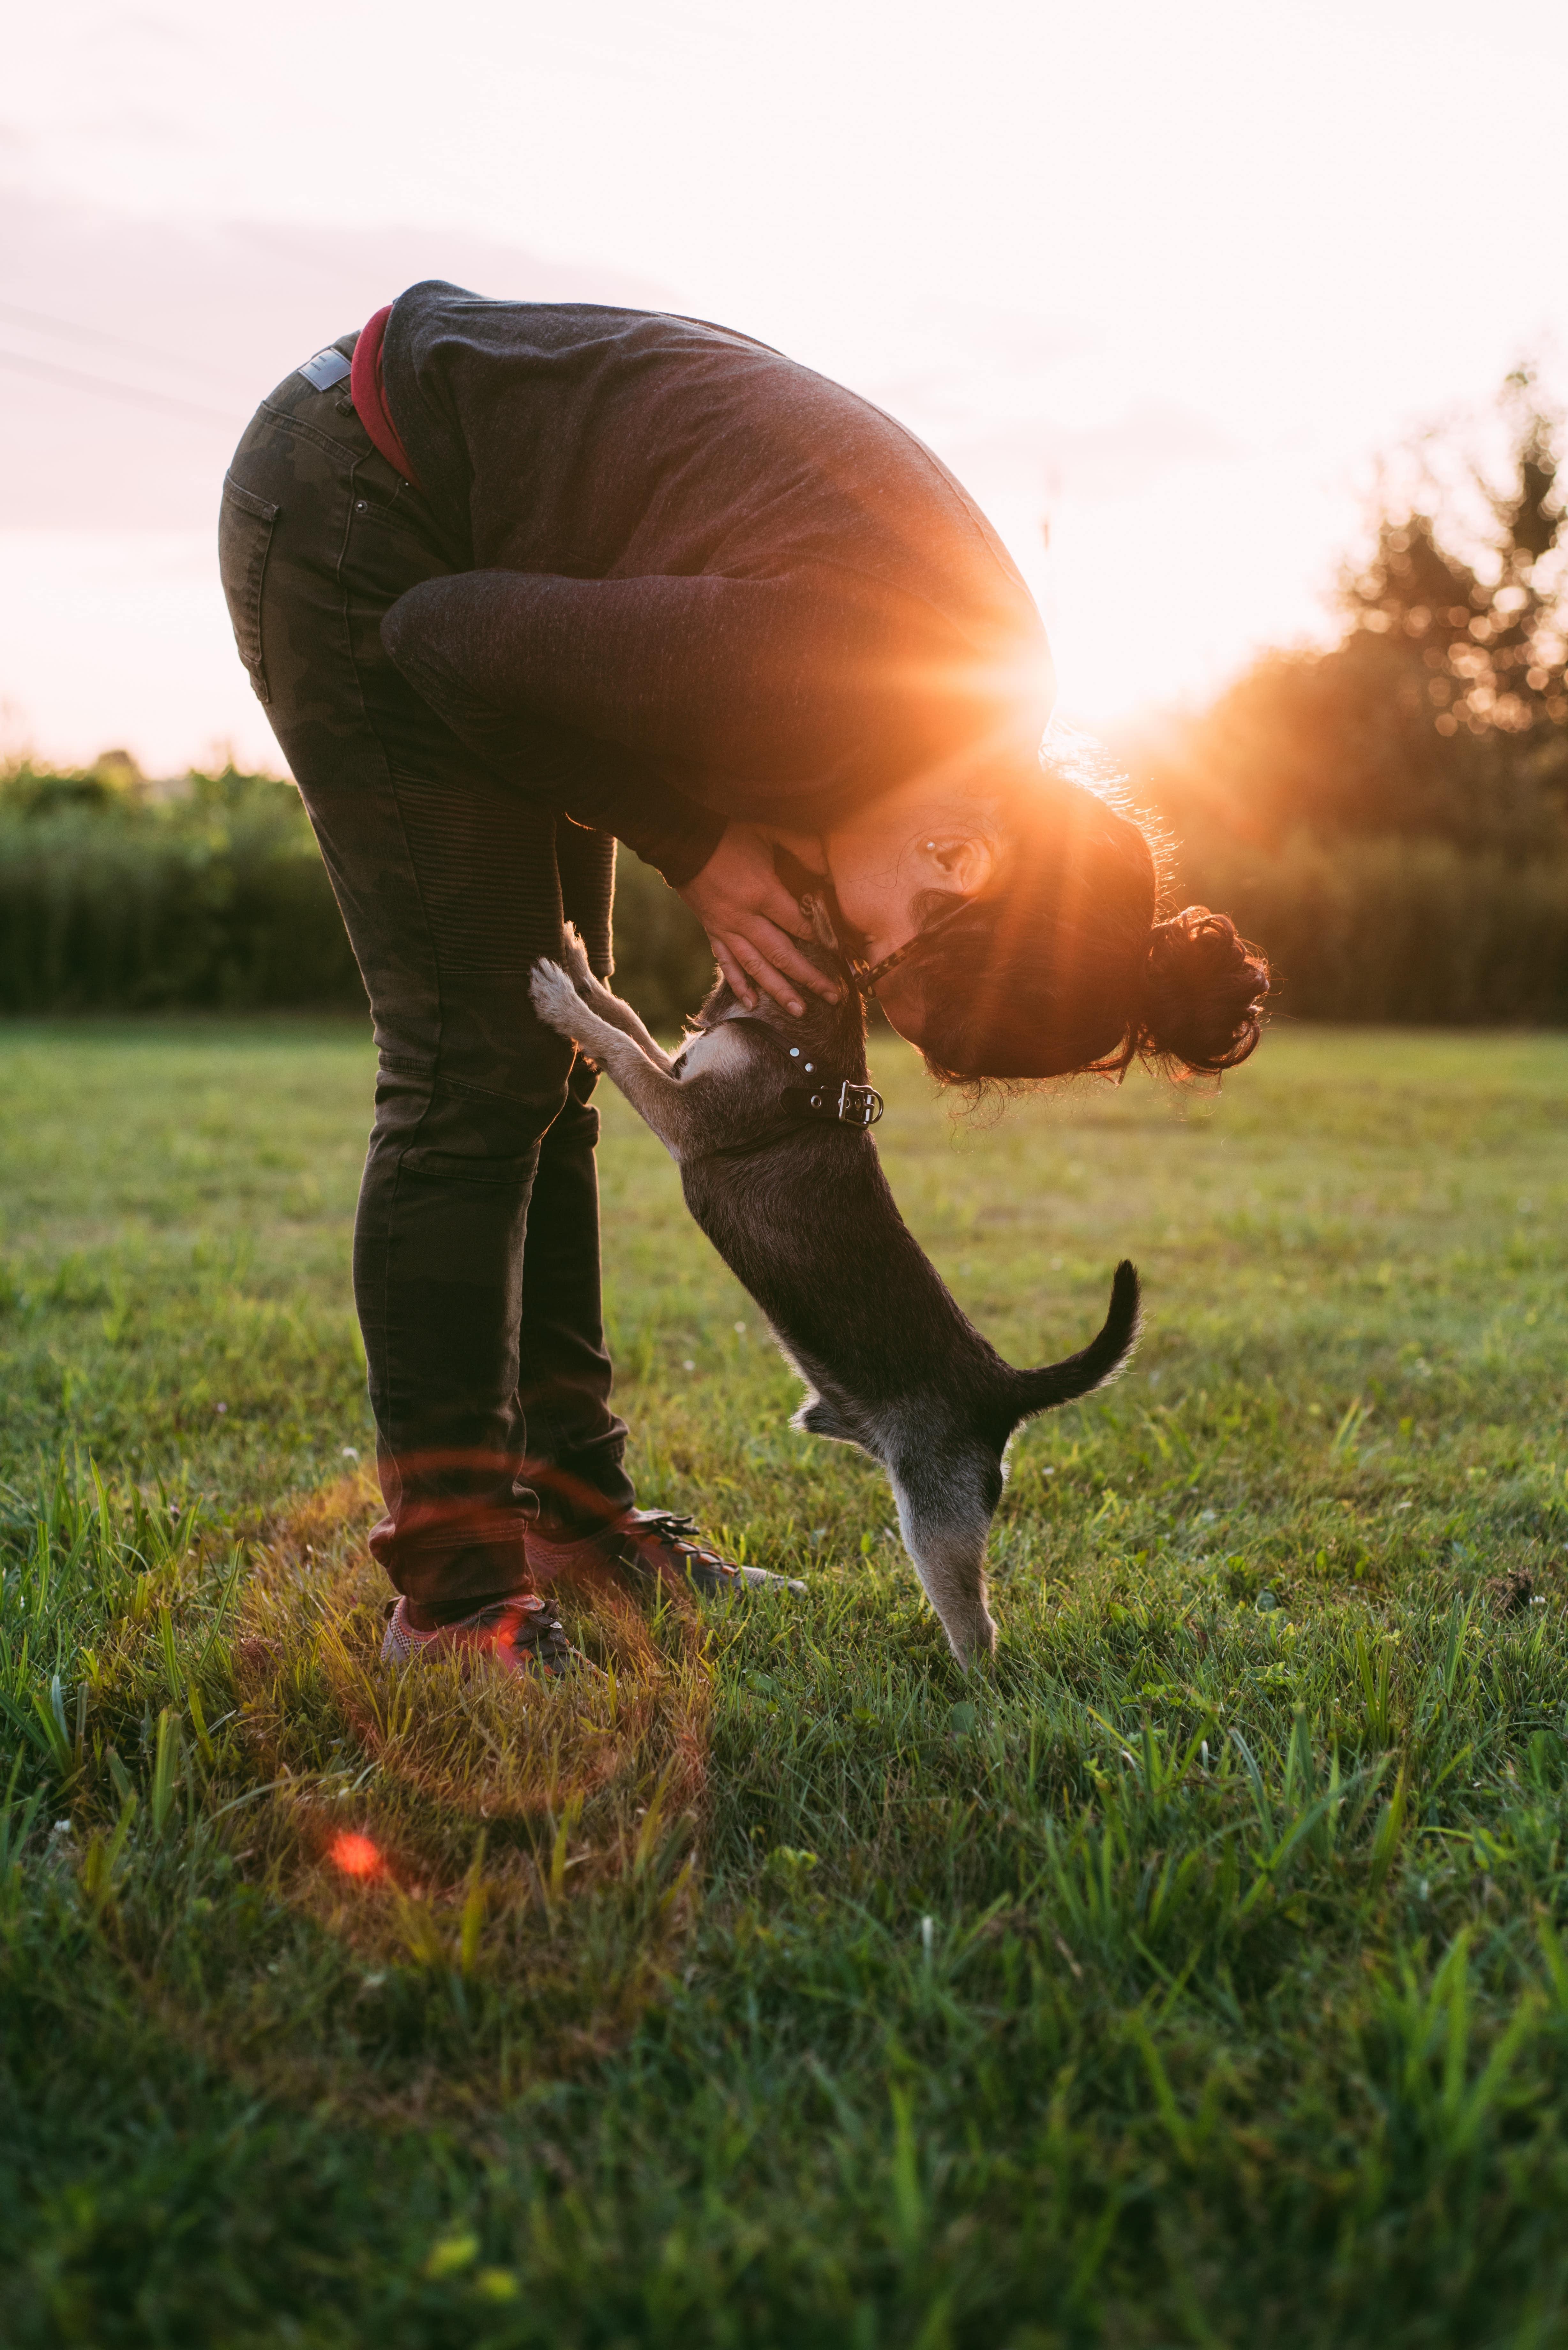 於外出時多加稱讚狗狗,可將「外出」這件事與「好的事物」有所連結,他們對外來刺激的負面反應將會有所改善